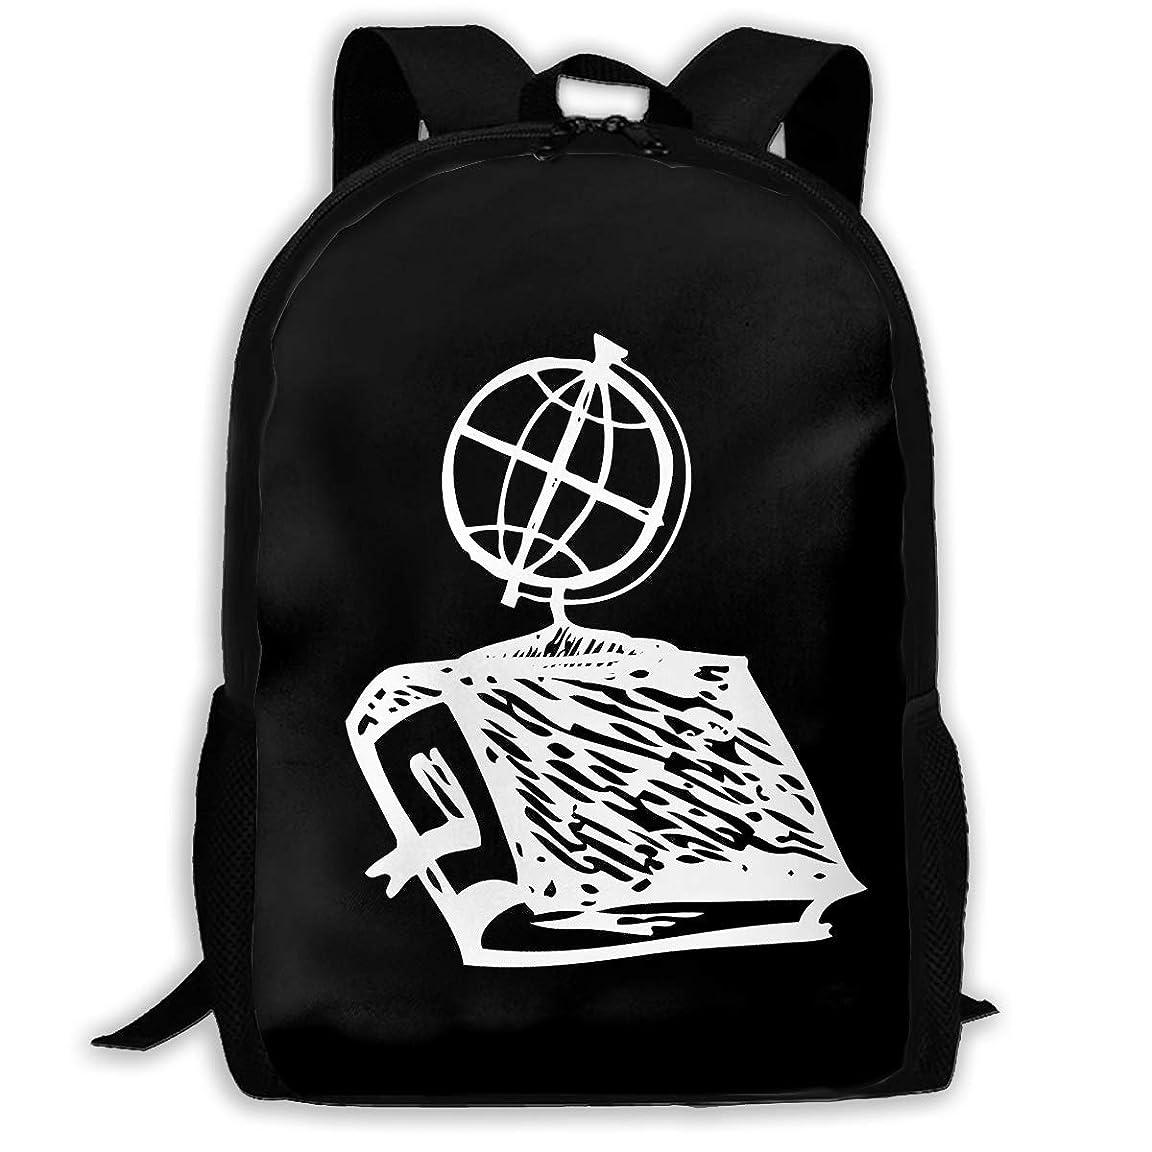 枯渇ツイン聴くKDS リュック レディース バックパック リュックサック Png? 鞄 カバン リュック 多機能 防水バック メンズバック ビジネスバック 男女兼用 大容量 高校生 通学 通勤 旅行 軽量 キャンバス